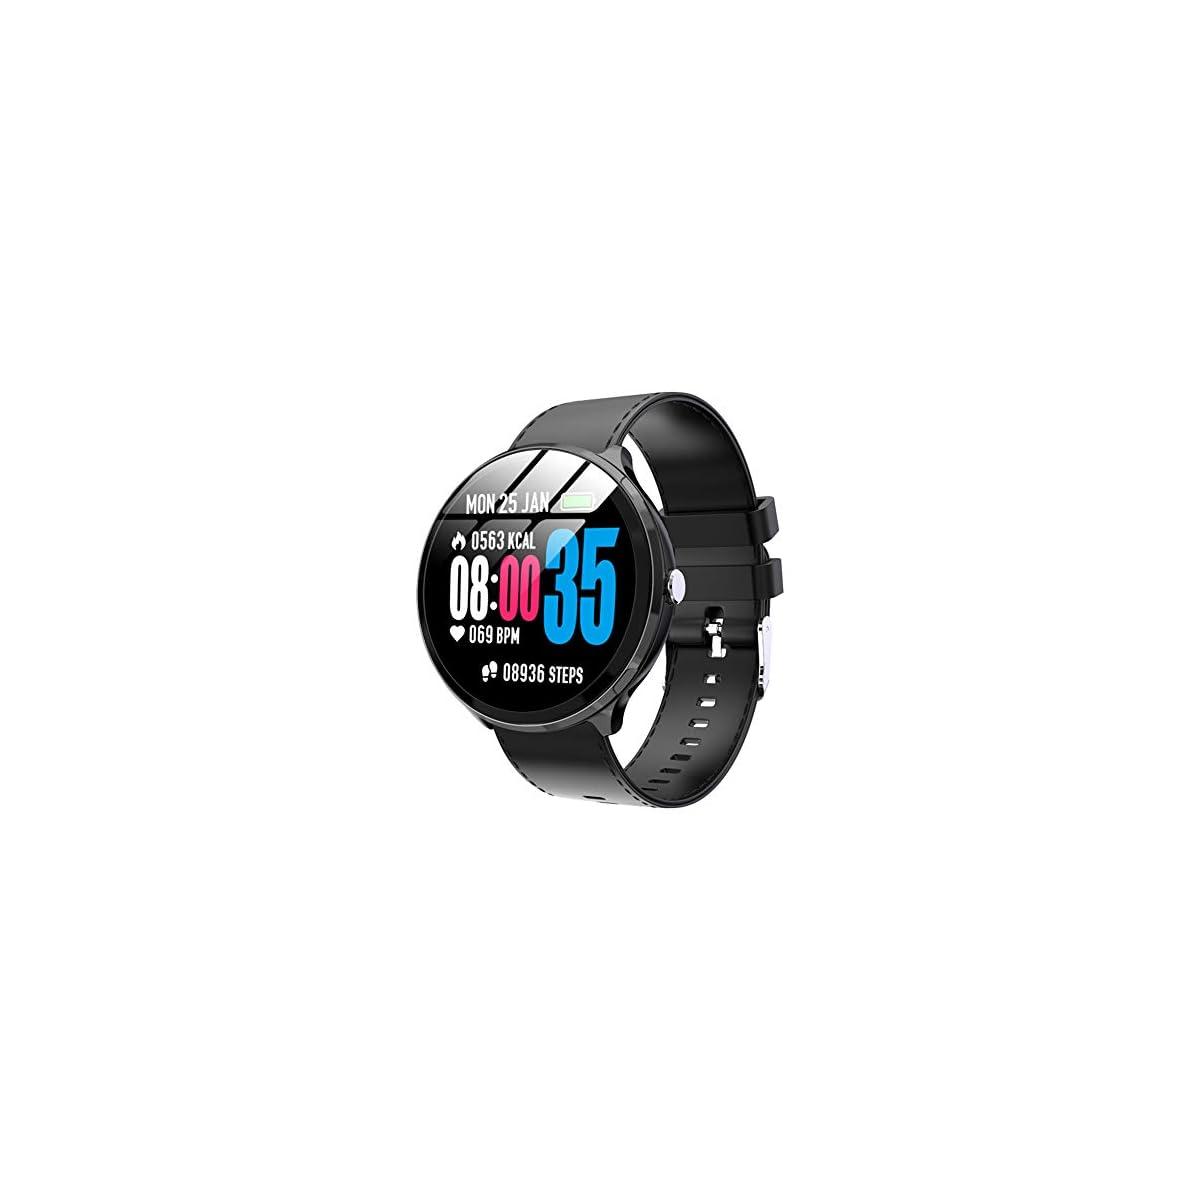 41EKK8Z6kdL. SS1200  - SYYSYY Avanzado Reloj Deportivo Reloj Inteligente Reloj para Hombres 1.3 '' Pantalla Bluetooth 4.0 Pulsera de Fitness Monitor de Ritmo cardíaco Reloj Impermeable Reloj de Pulsera